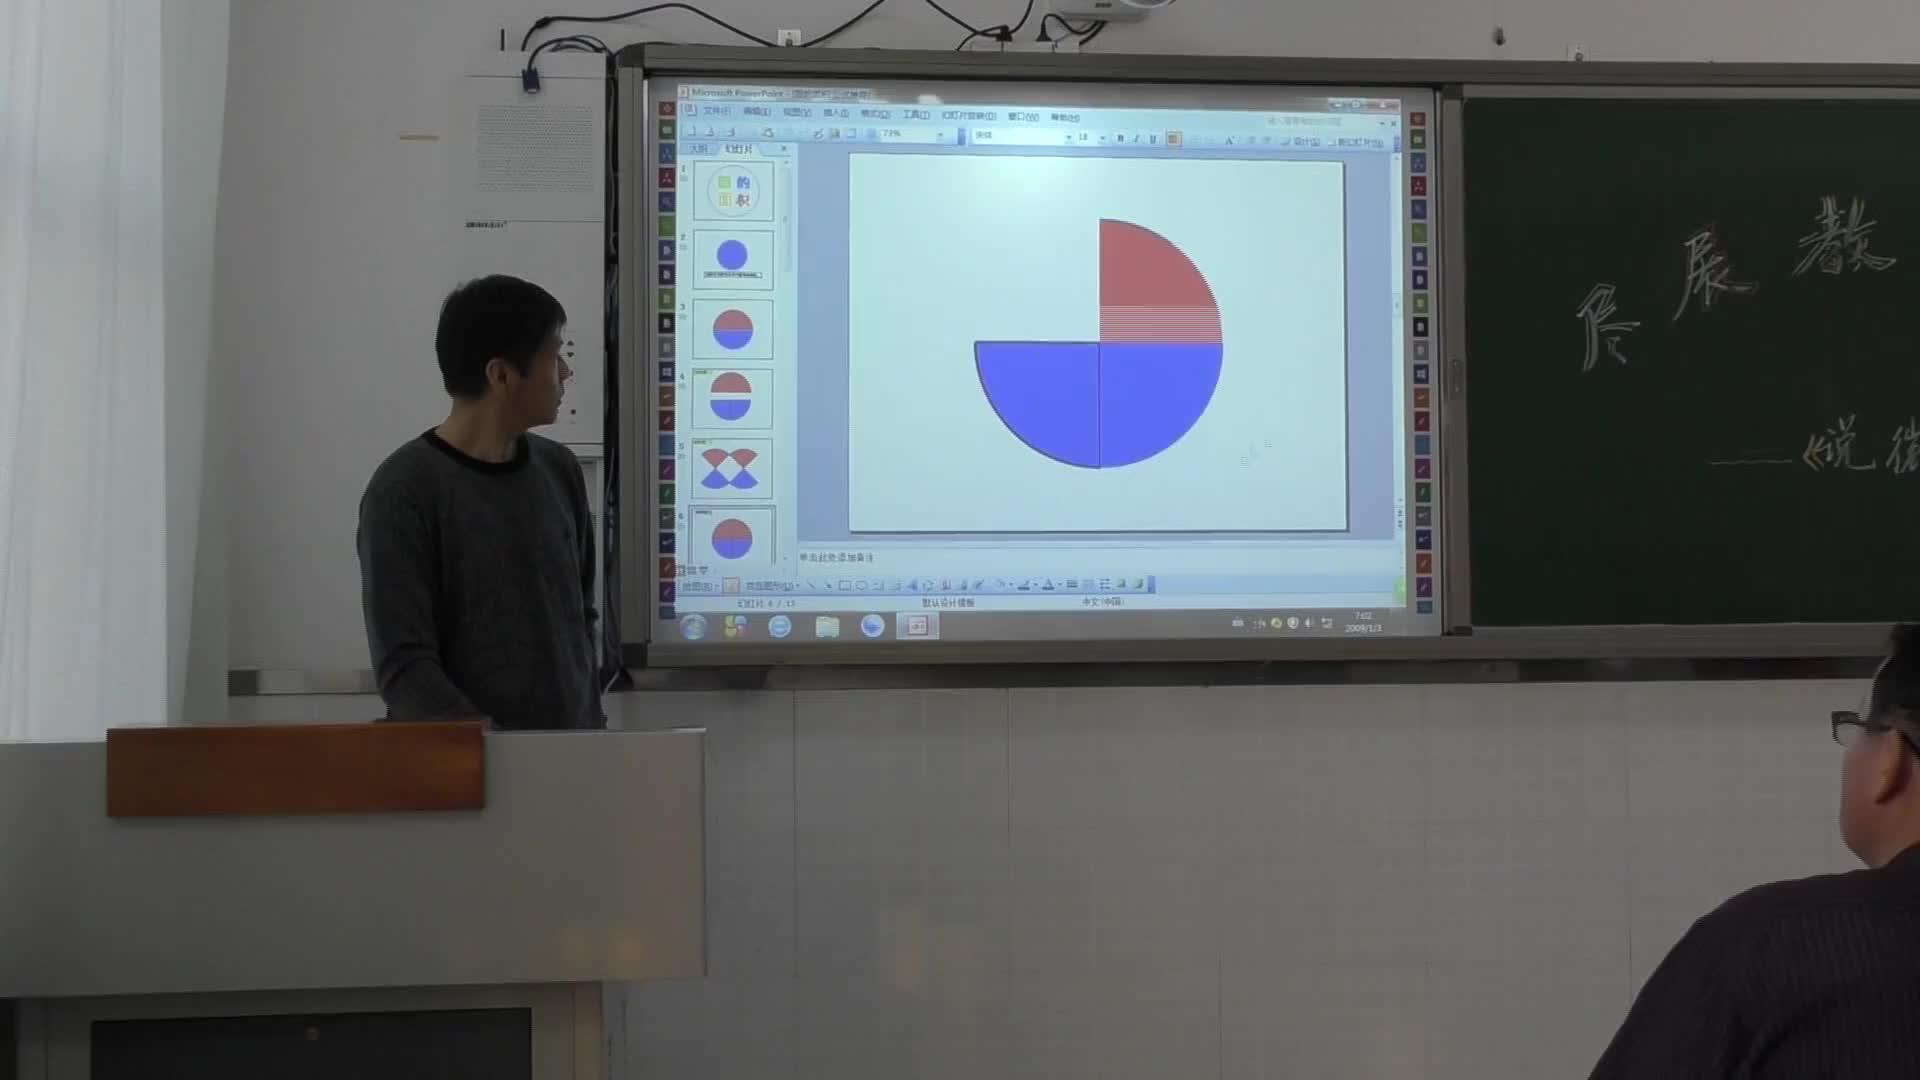 人教版 七年级数学上册 圆的面积-视频说课